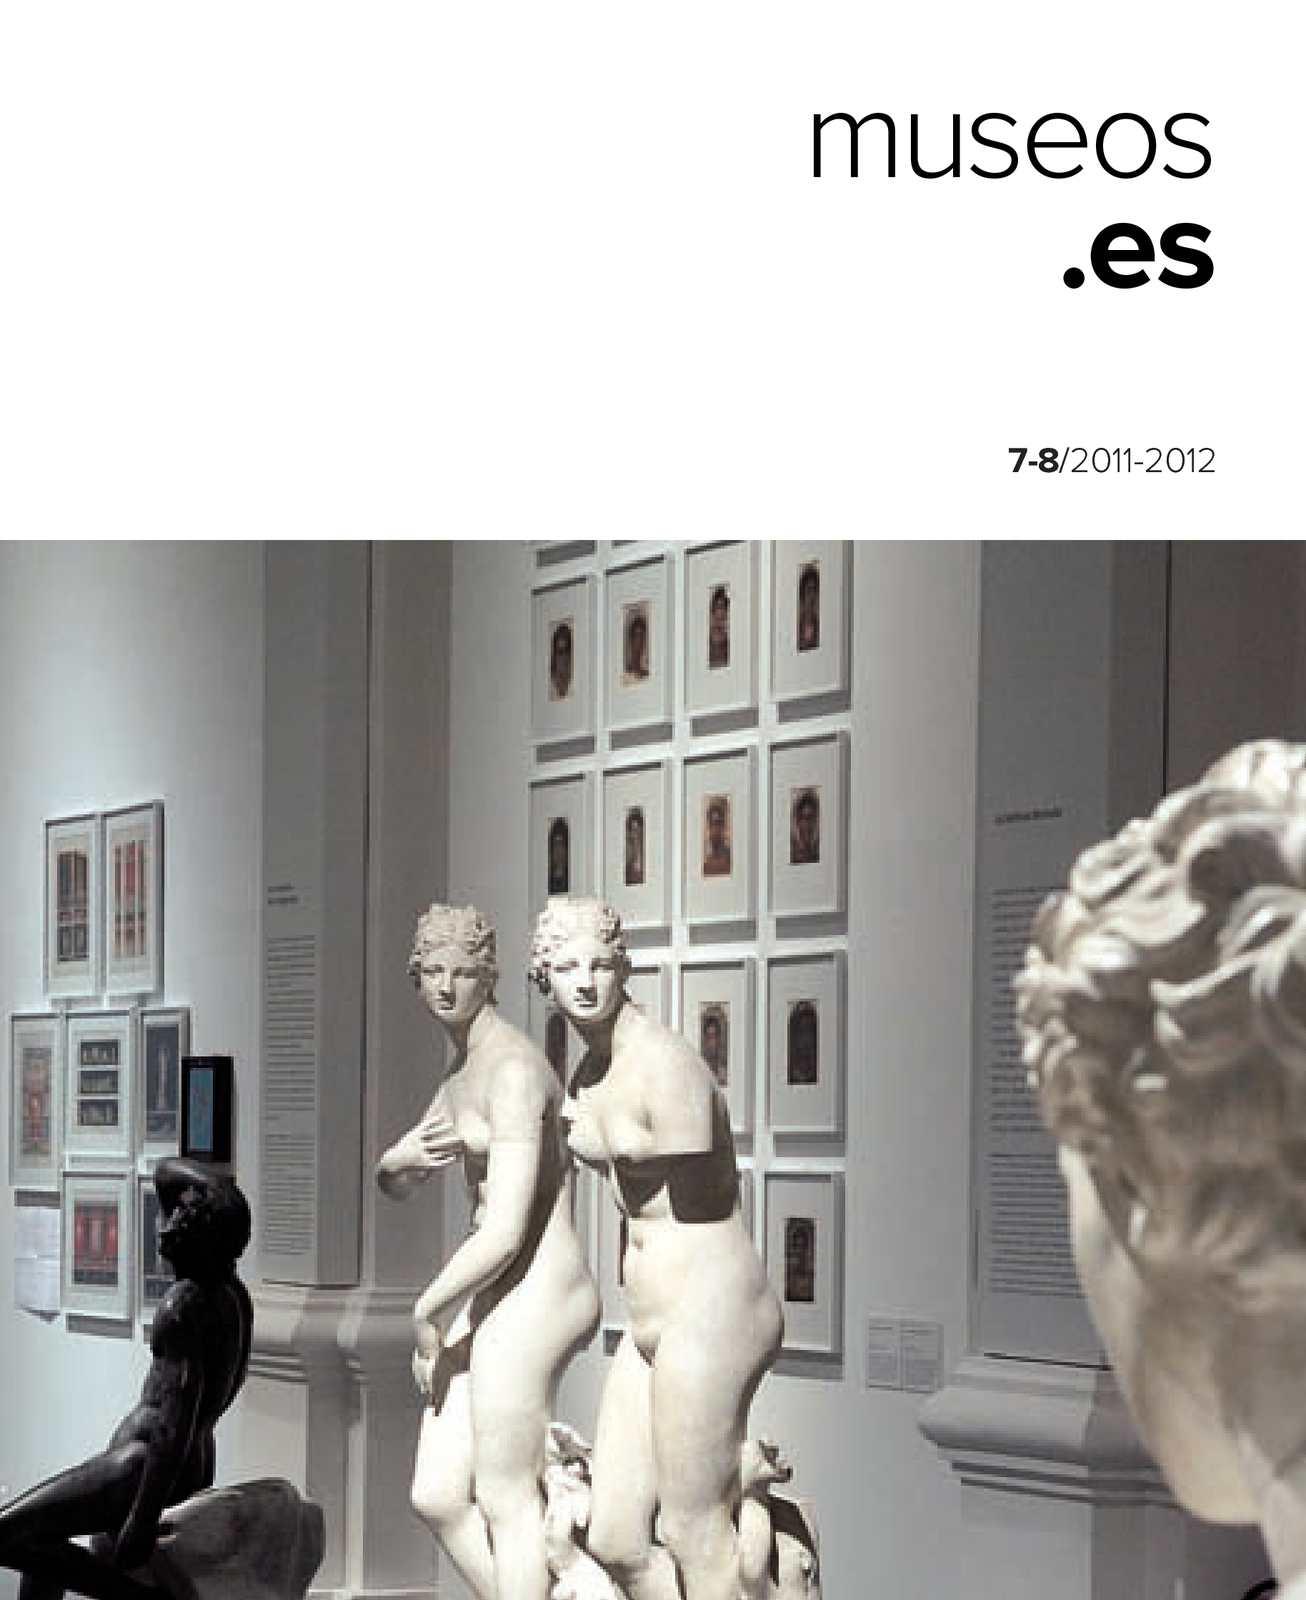 Calaméo - Museos.es nº 7-8 37c32633cdbf